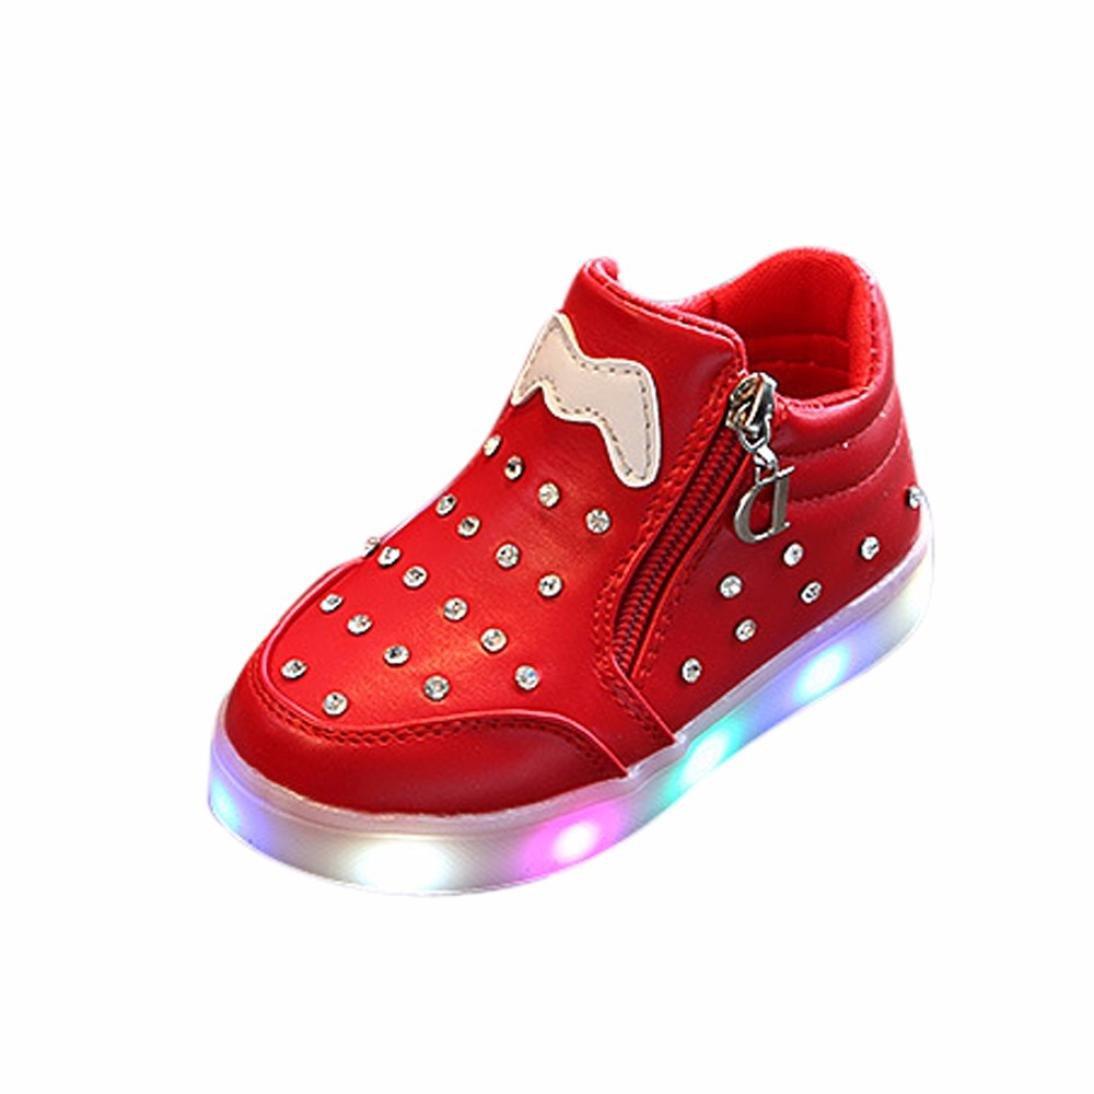 ❤️Chaussures de Bébé , Amlaiworld Enfants Filles Sneakers en Cristal Zippé LED Allument des Baskets Lumineuses Chaussures Pour Enfants Filles Garçon 1-6 Ans (21/1-1.5Ans, Rose) Amlaiworld 123